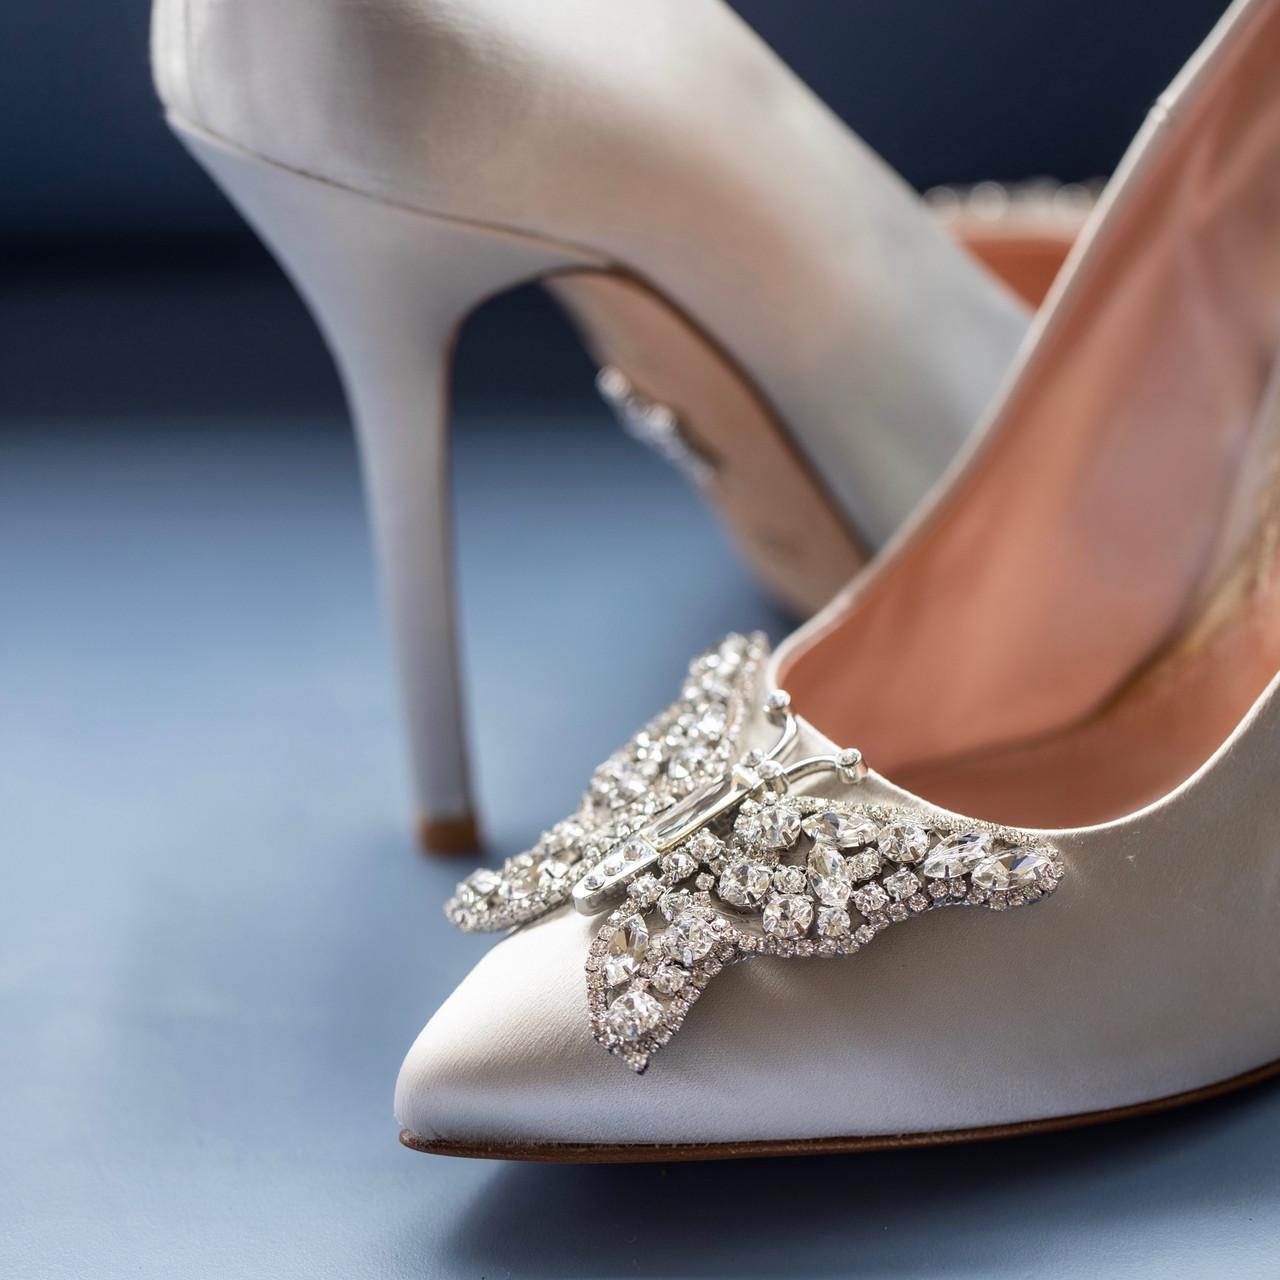 April Farfalla Stiletto Silver Satin